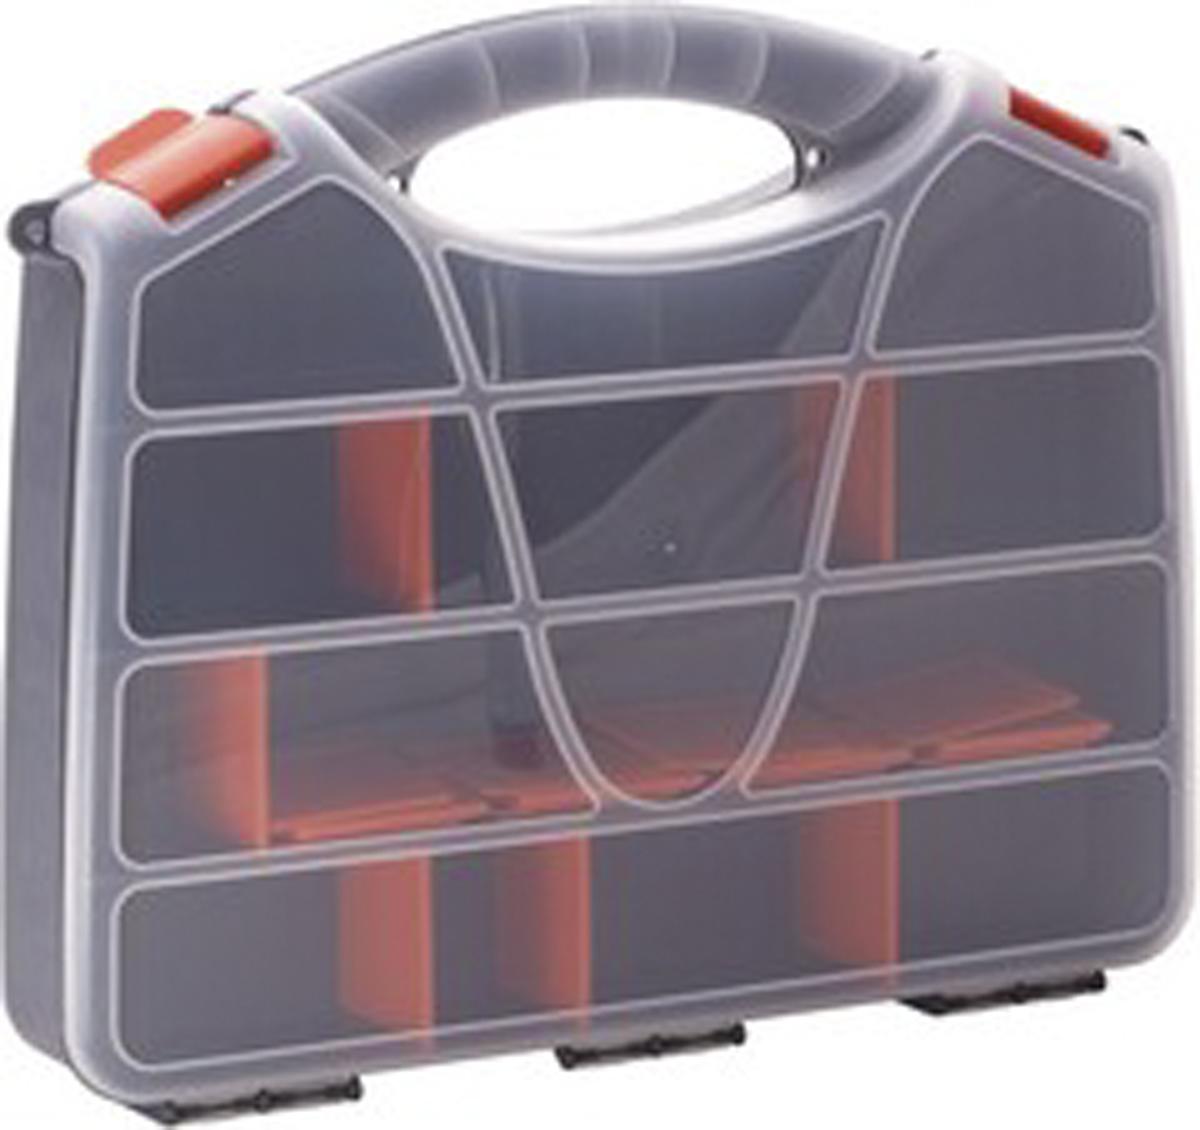 Органайзер для инструментов Blocker Profi, цвет: серый, оранжевый, 44,7 х 35,5 х 7,5 см98295719Удобный органайзер Blocker Profi предназначен дляпереноски и хранения инструментов. Изделие выполненоиз высококачественного полипропилена. Прозрачная крышка, небольшой размер ипродуманная эргономика делают хранение любыхмелочей простым и эффективным. Надежные замкипредохраняют от случайного открытия. Съемныеразделители позволяют организовать пространство всоответствии с вашими пожеланиями.